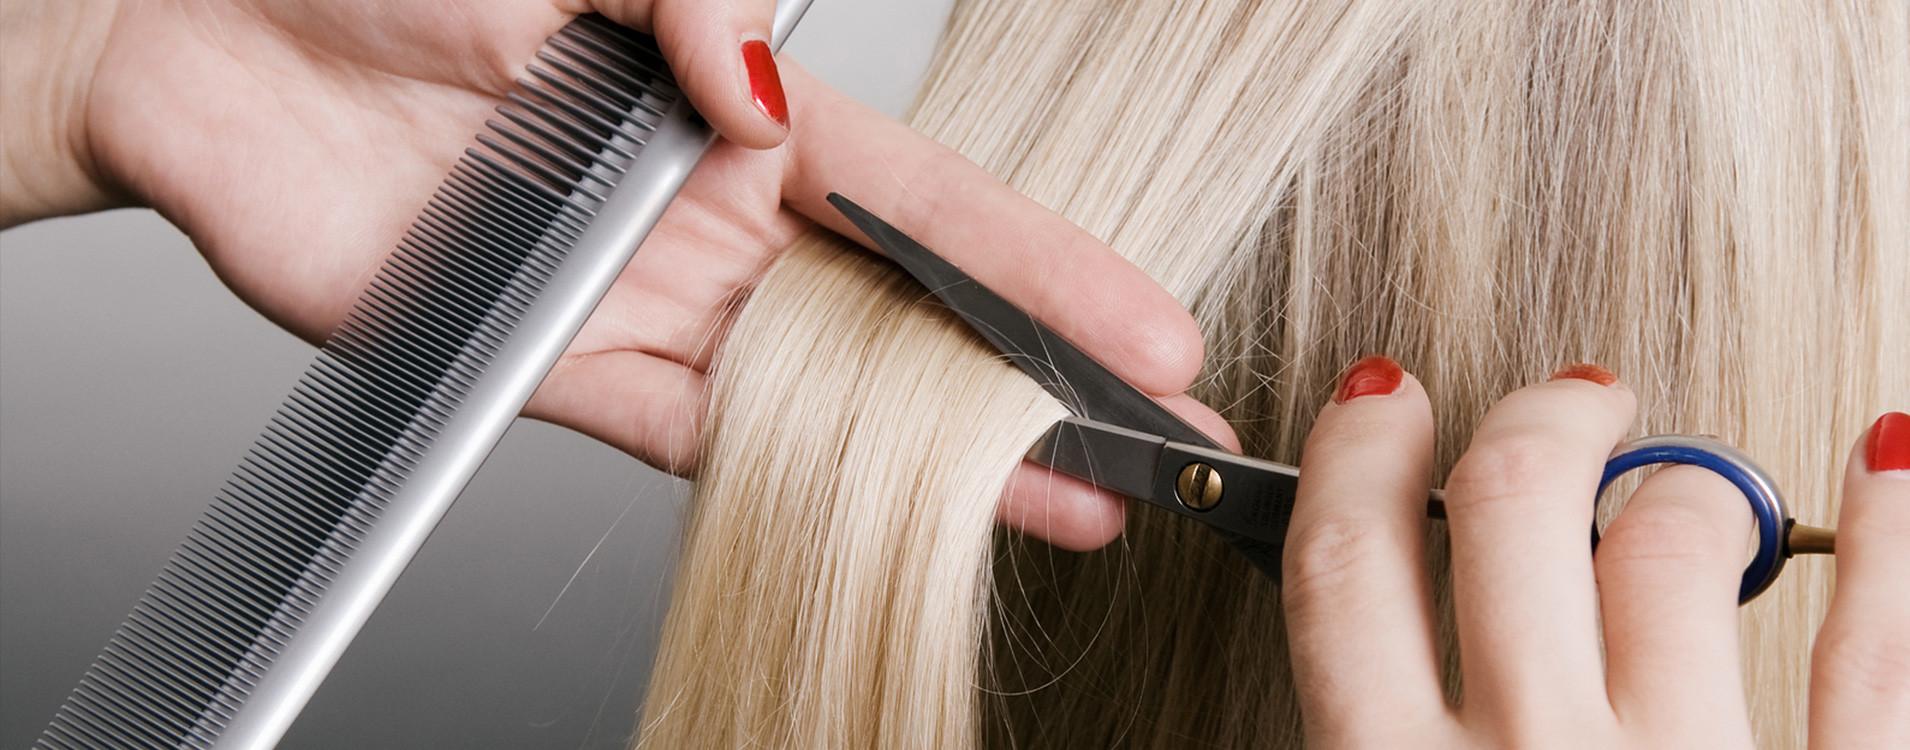 Сонник обрезать волосы ножом